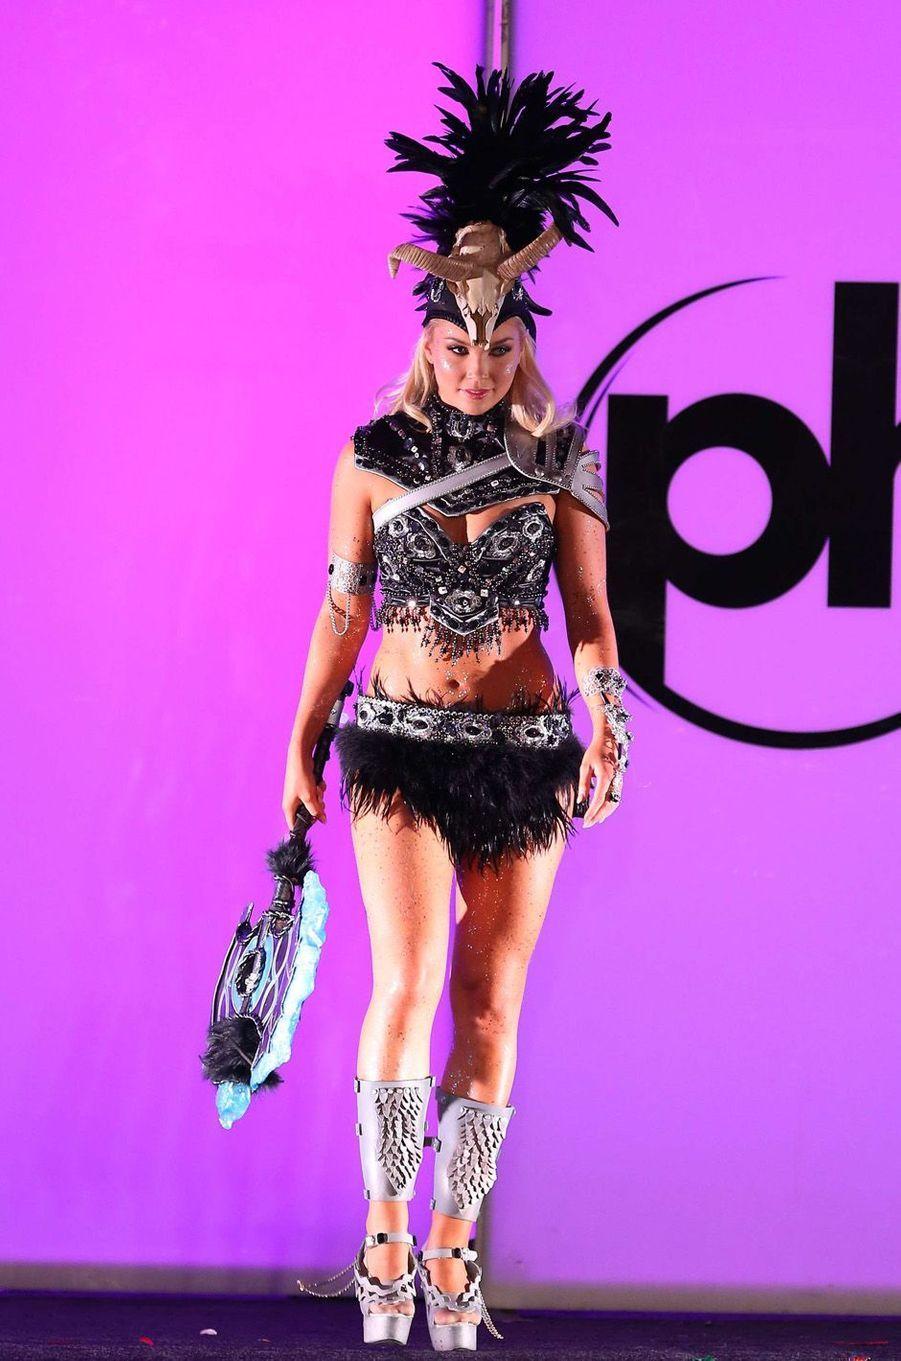 Arna Ry Jonsdottir, Miss Islande,en costume national pour le concours Miss Univers, le 18 novembre 2017 à Las Vegas.